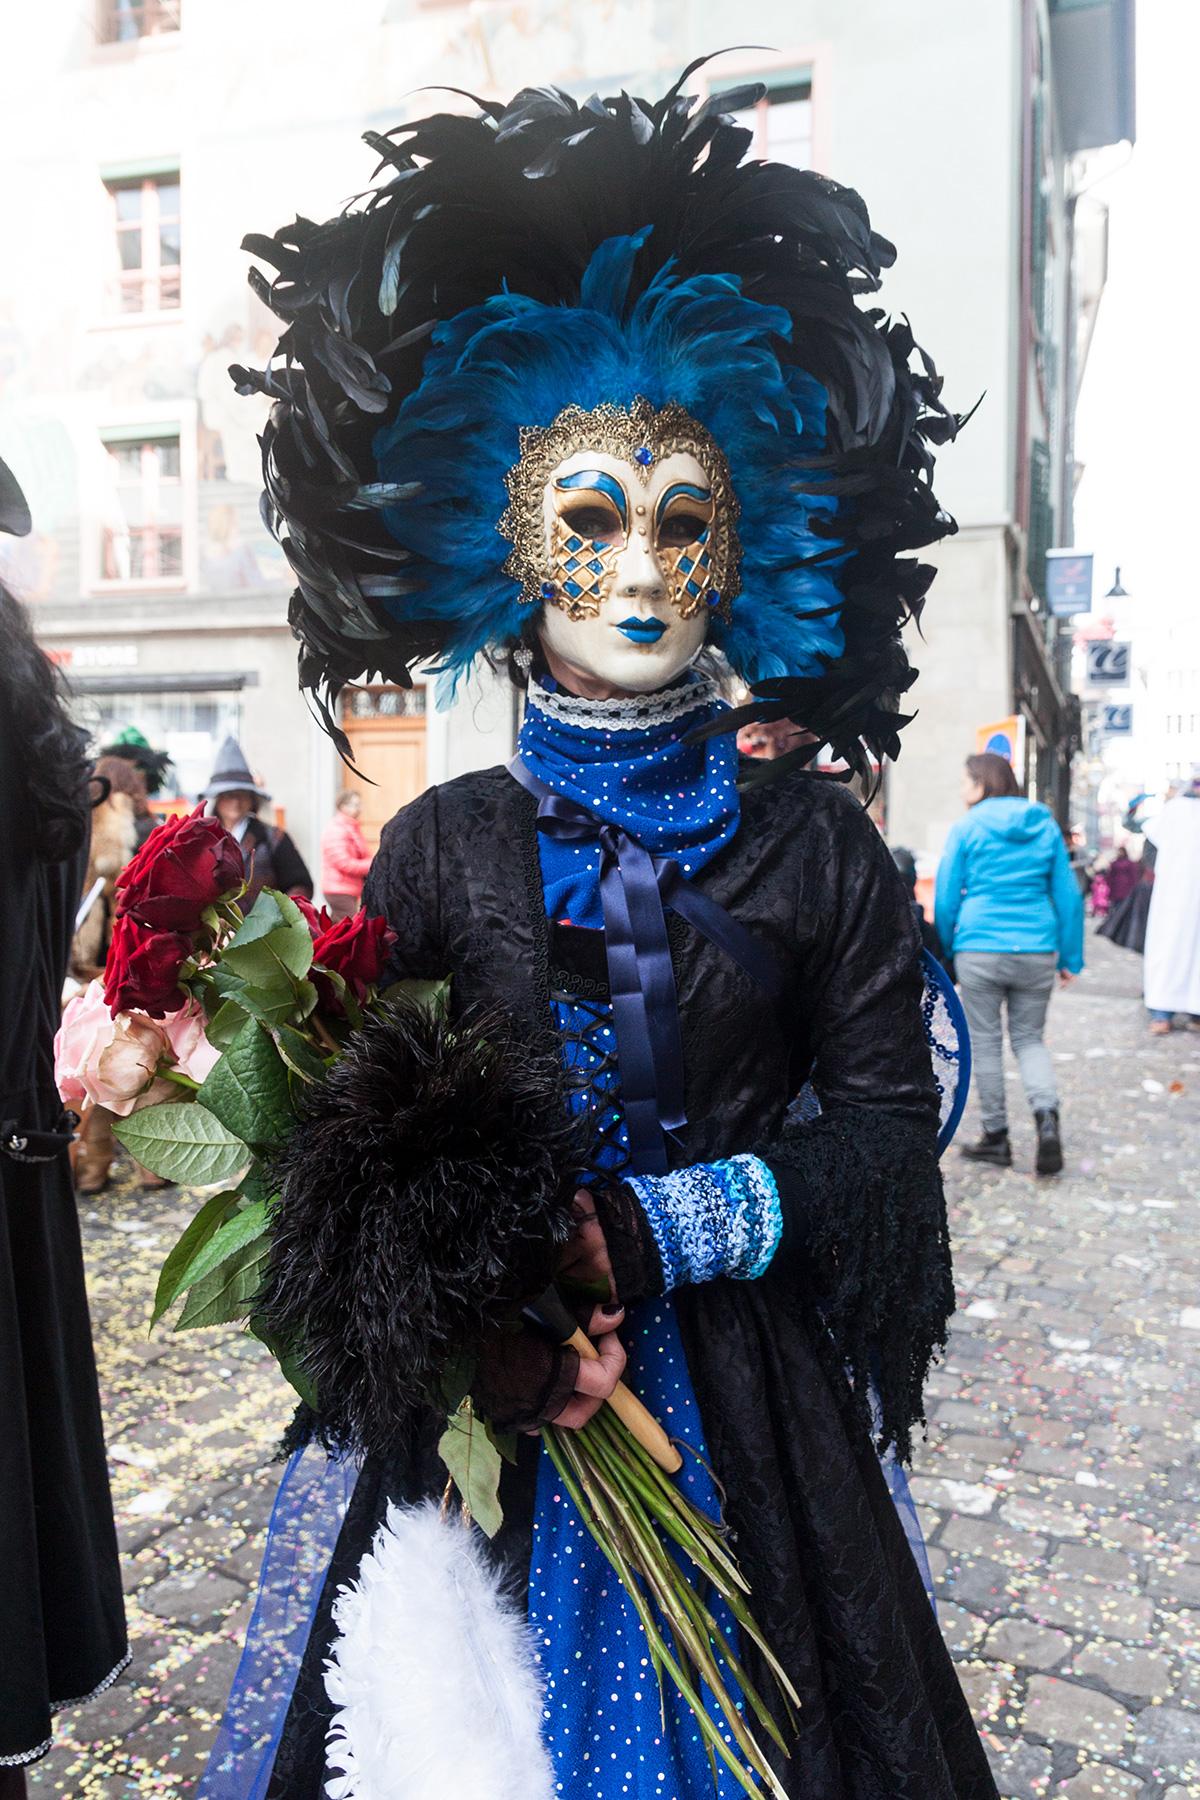 Die geheimnisvolle Dame mit der venetianischen Maske darf nur bei schönem Wetter auf die Gasse, sonst leidet die Maske und das Federkostüm.